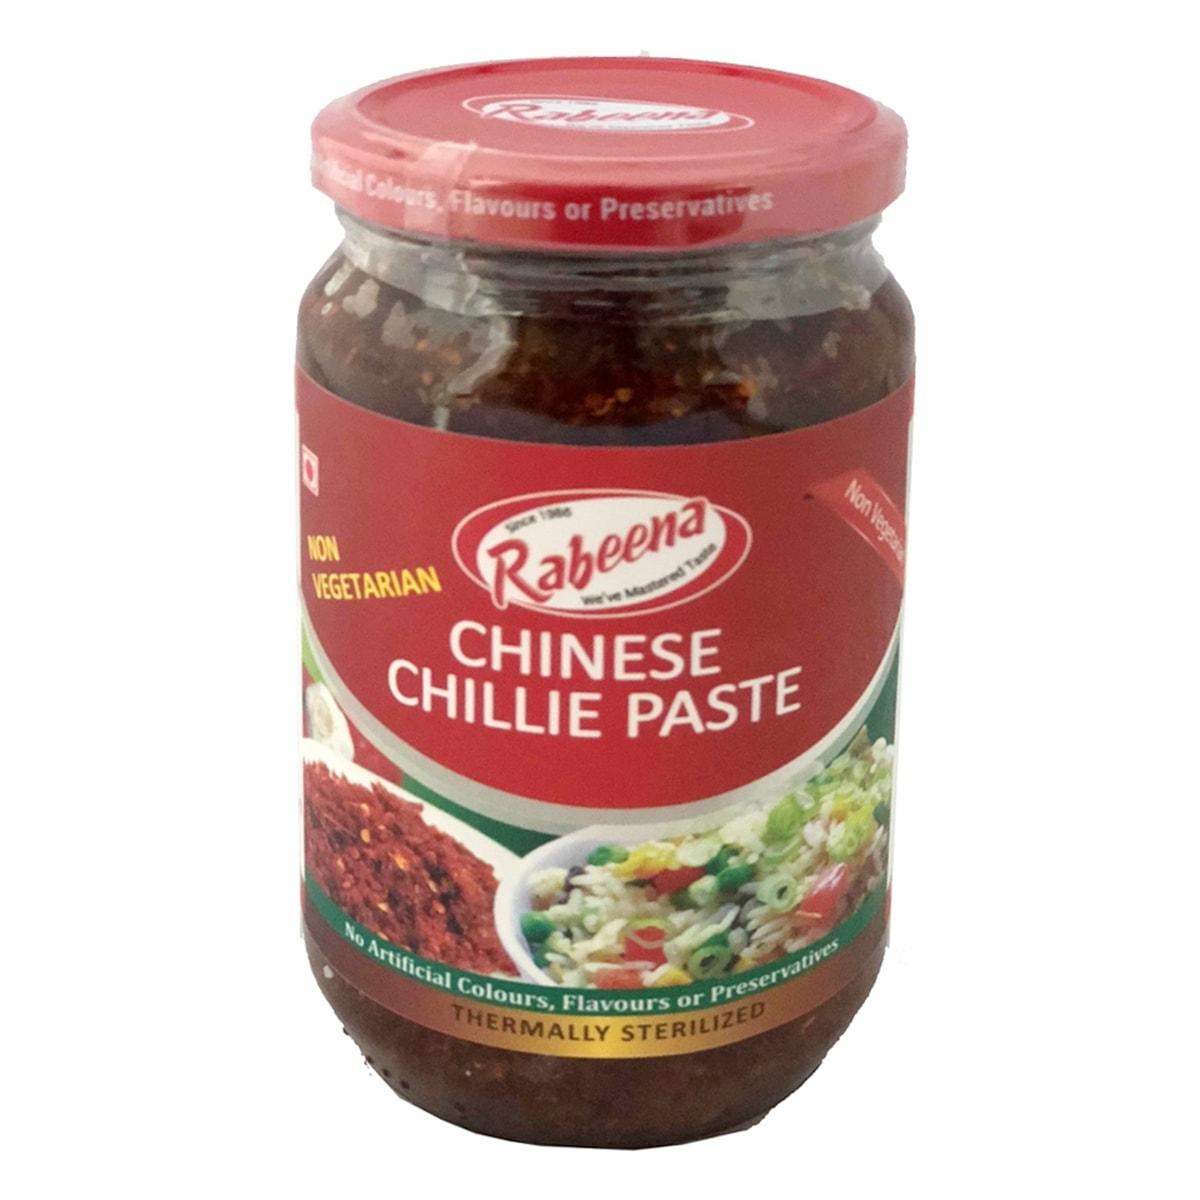 Buy Rabeena Chinese Chilli Paste (Non-vegetarian) - 350 gm